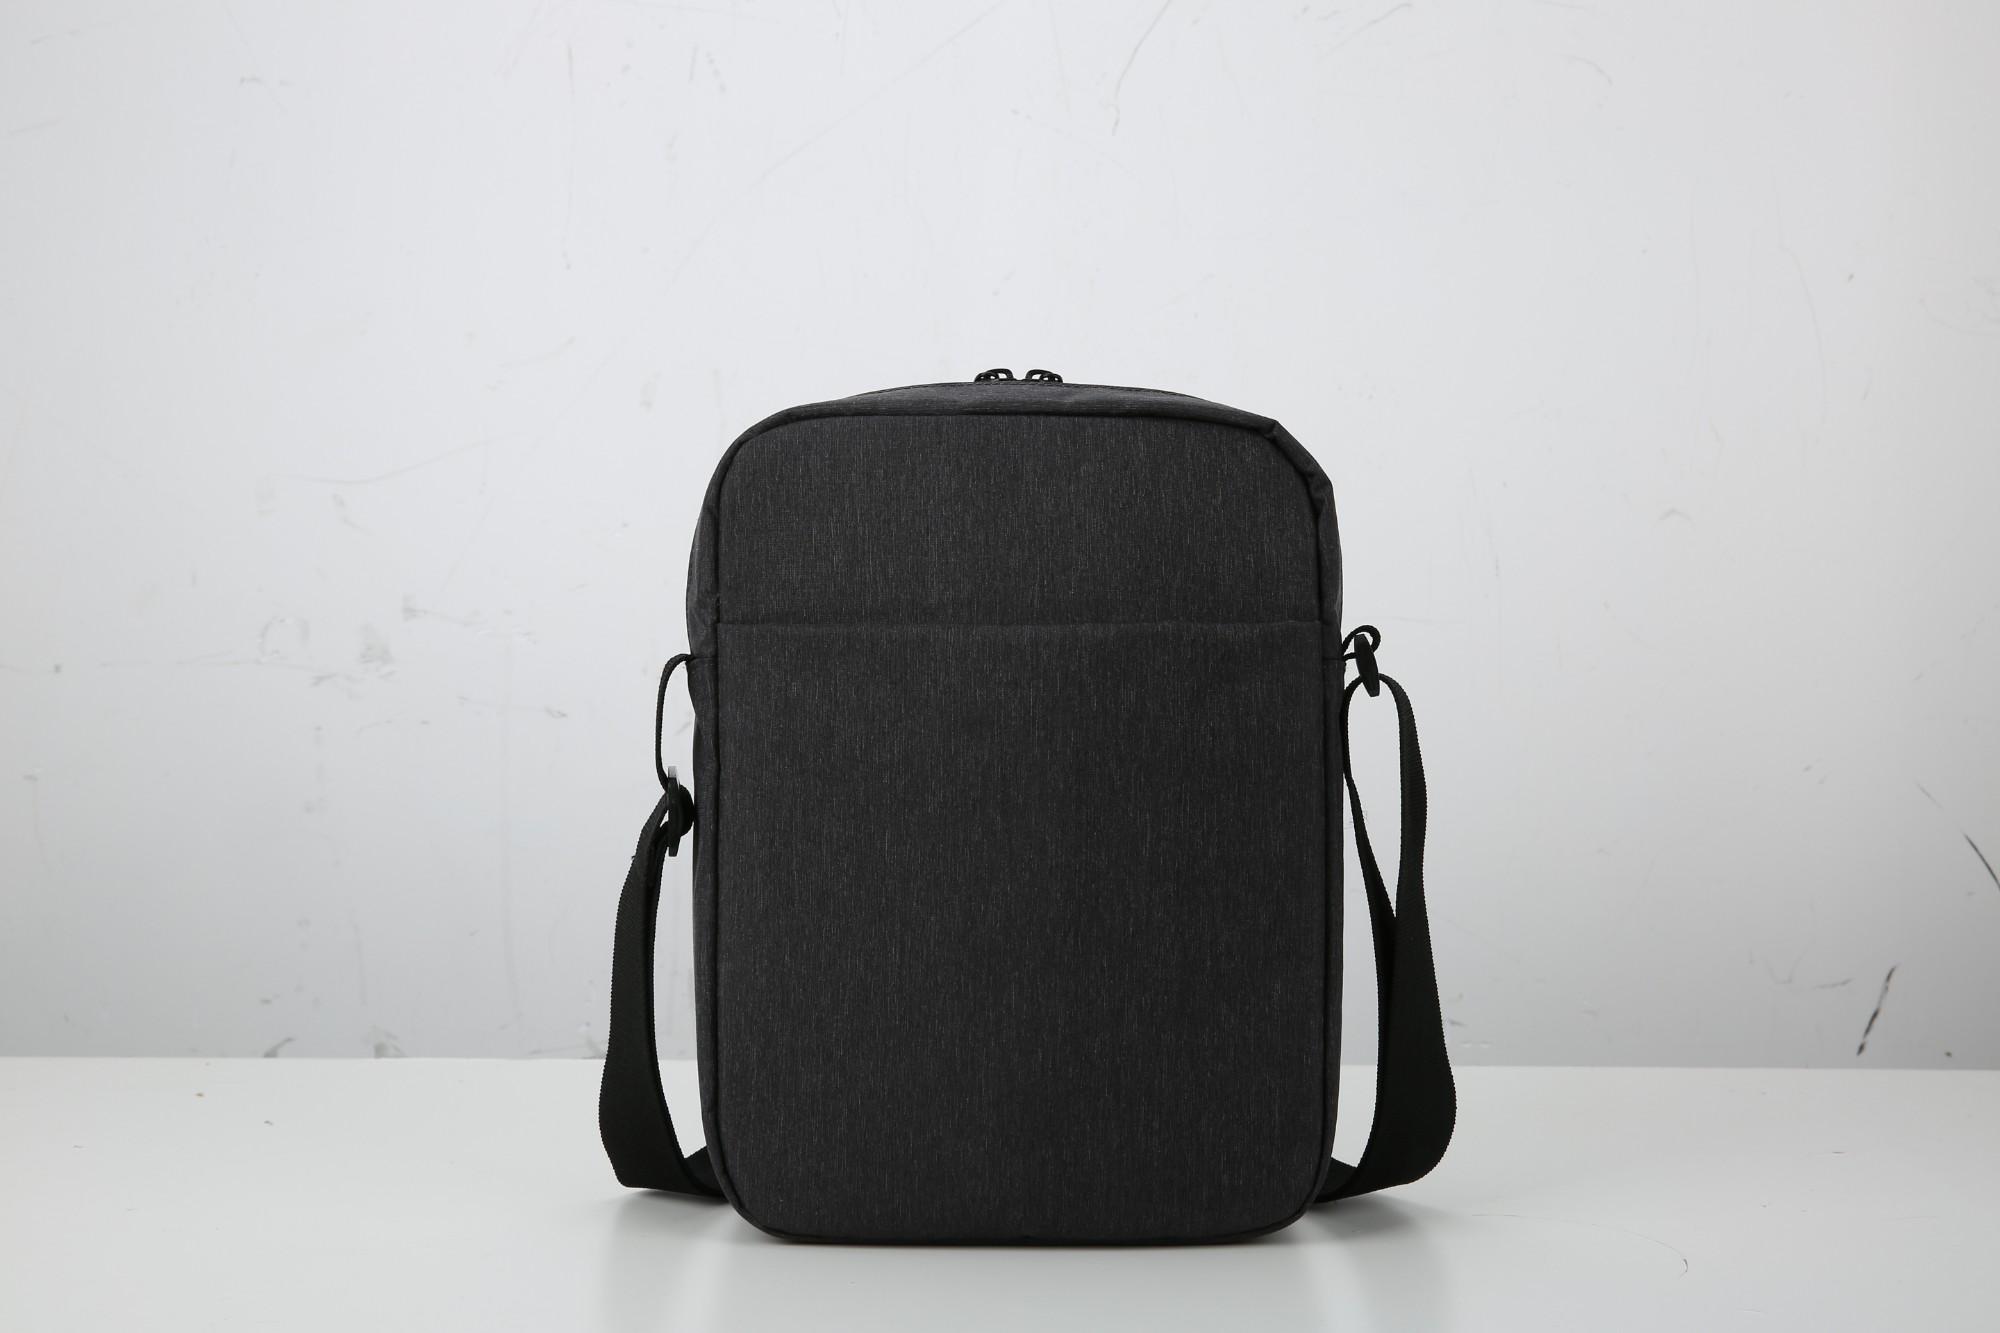 주문 어깨에 매는 가방,어깨에 매는 가방 가격,어깨에 매는 가방 브랜드,어깨에 매는 가방 제조업체,어깨에 매는 가방 인용,어깨에 매는 가방 회사,